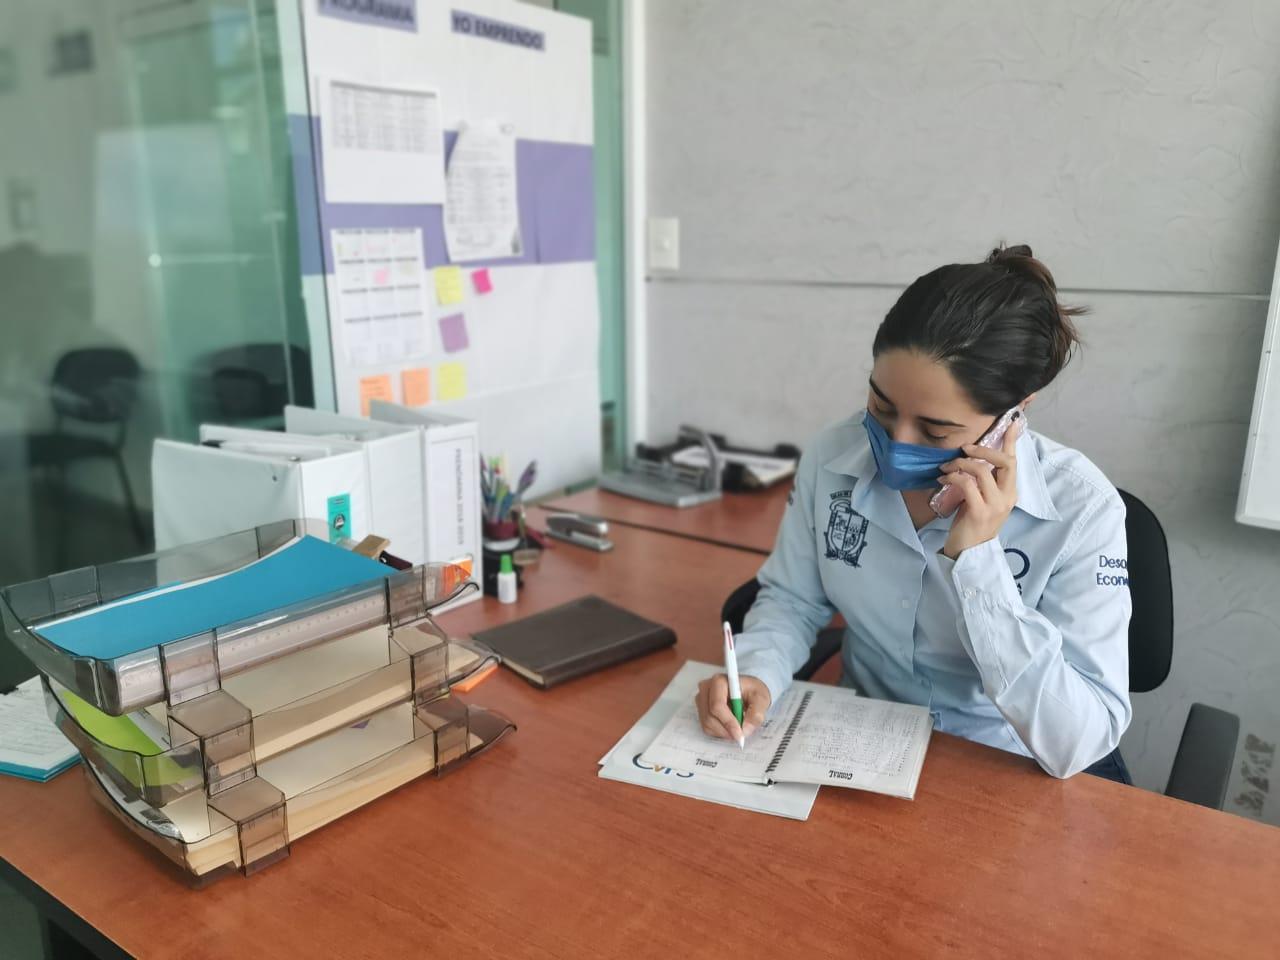 Recibe información sobre los programas todos los lunes en las oficinas de Capacitación y Empleo.